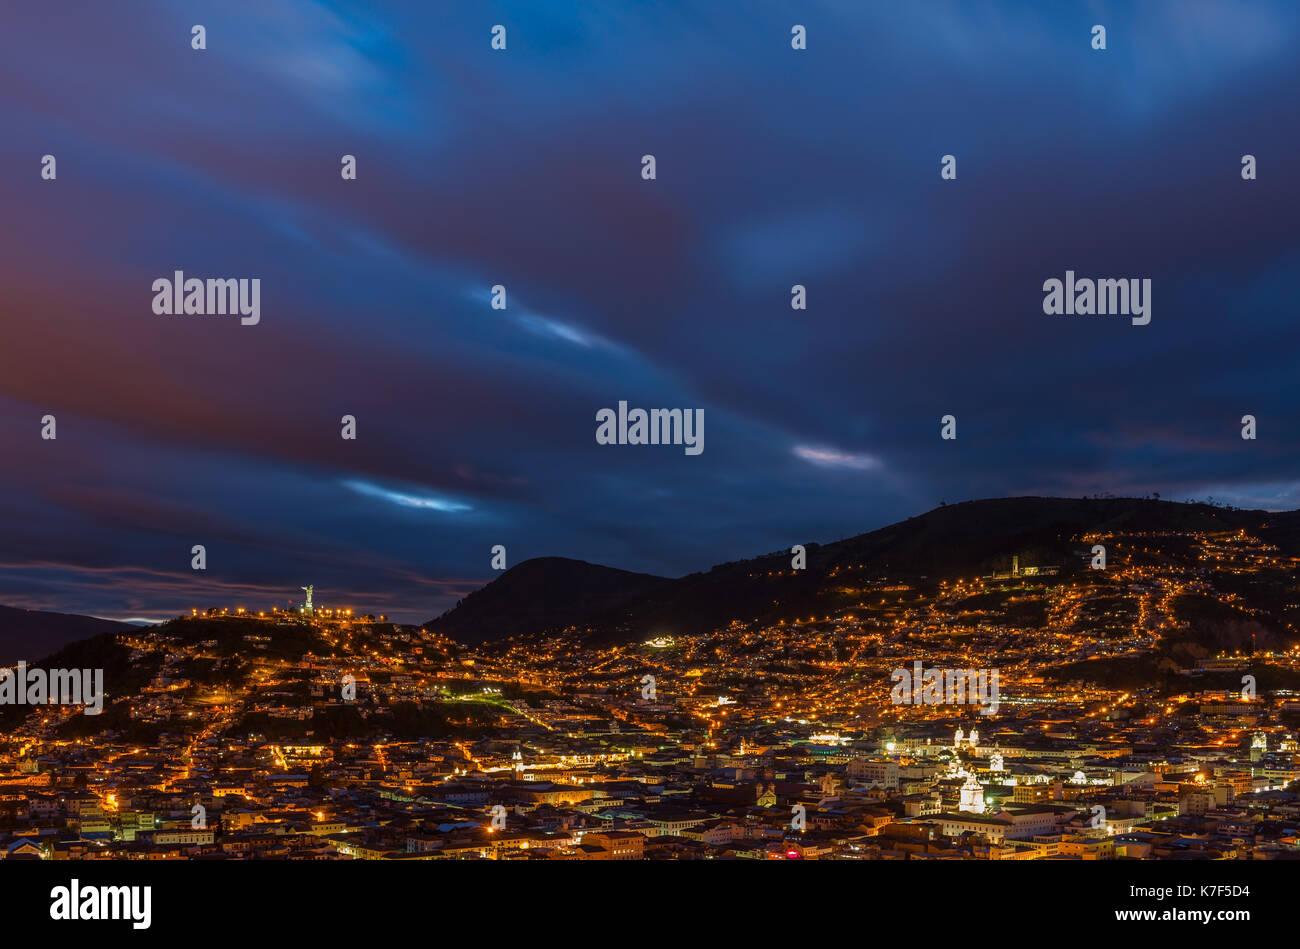 Paysage urbain de Quito avec son centre-ville historique éclairé au cours de l'heure bleue, de l'Équateur. Banque D'Images